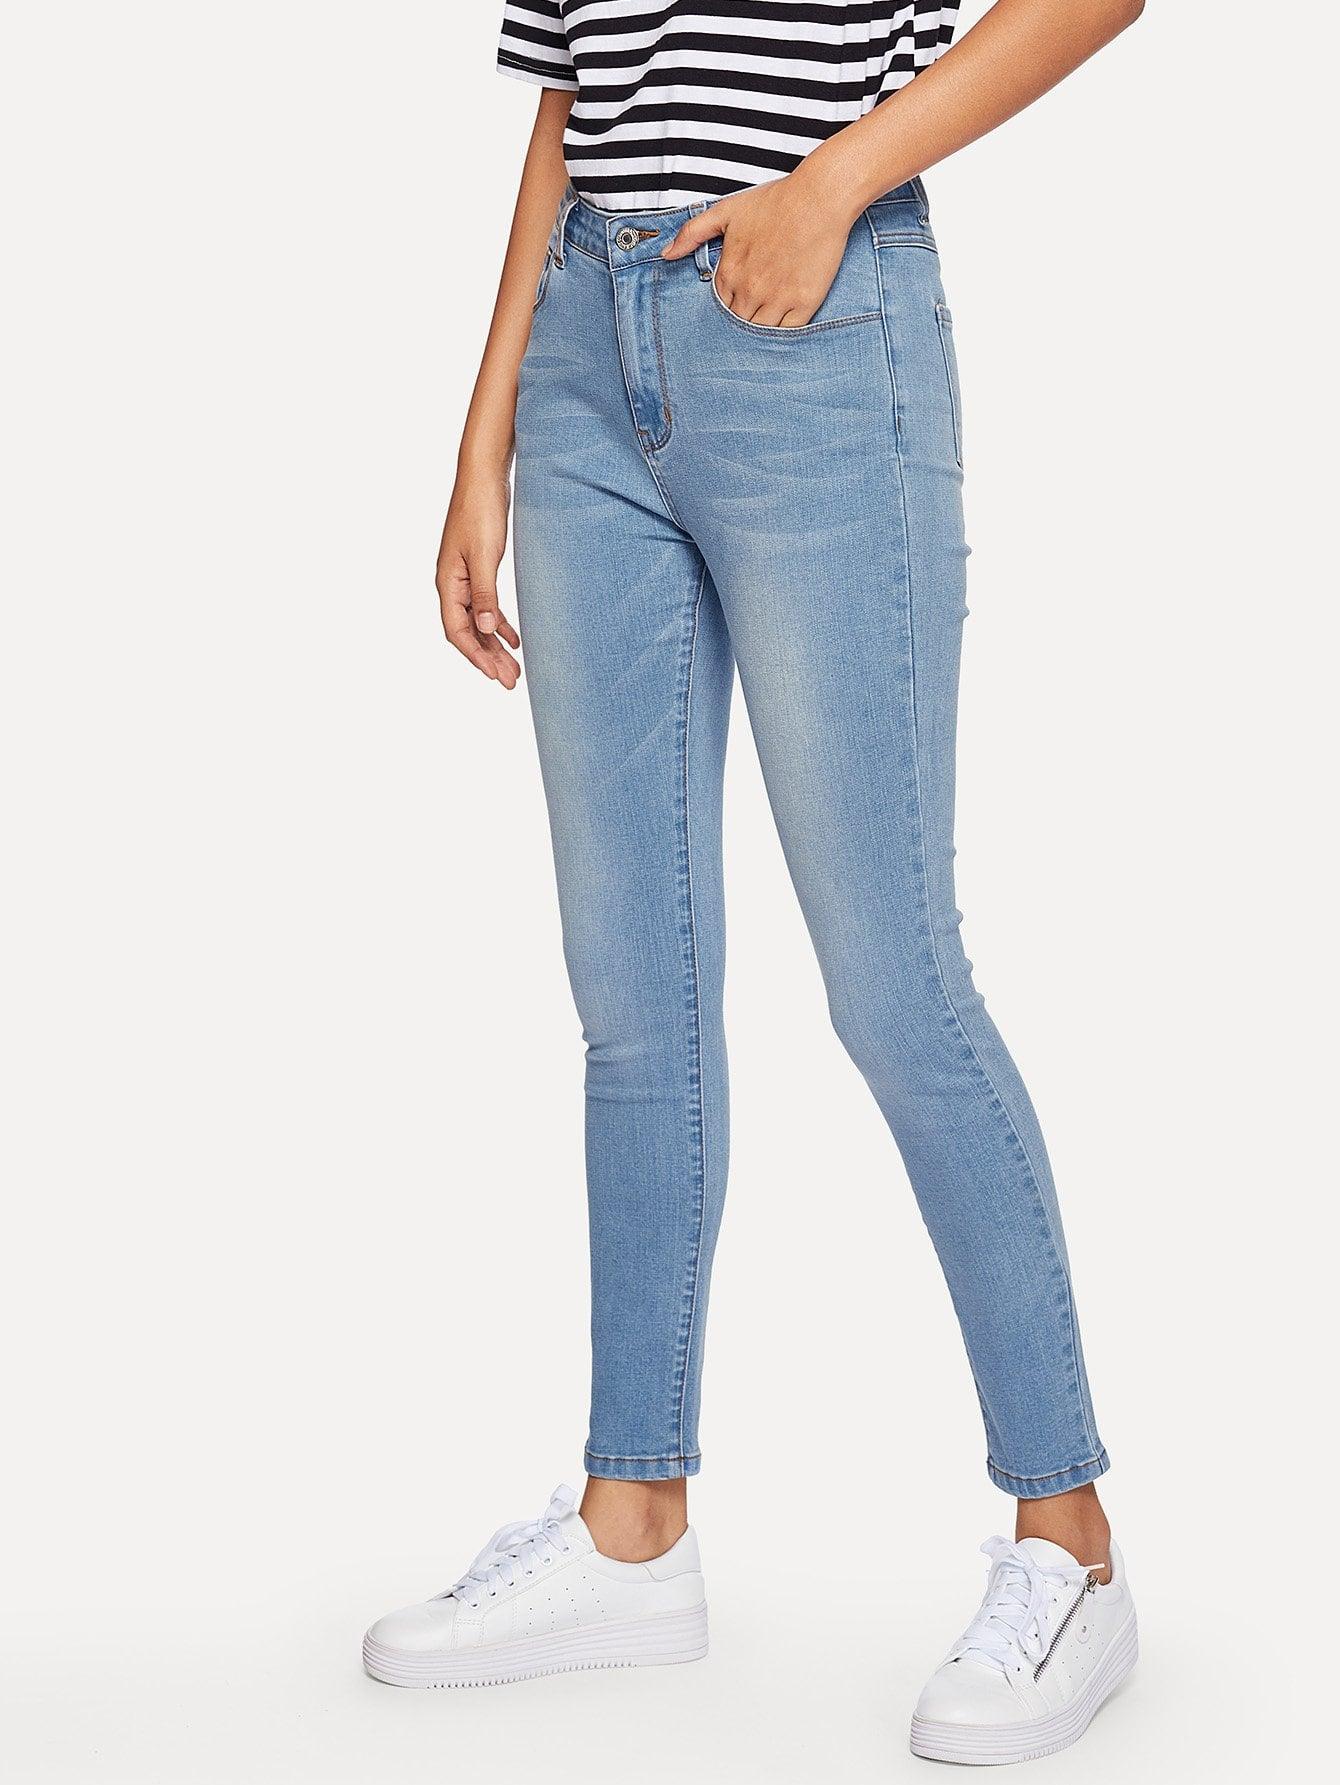 Купить Карманные пятнистые тощие джинсы, Starl Lane, SheIn